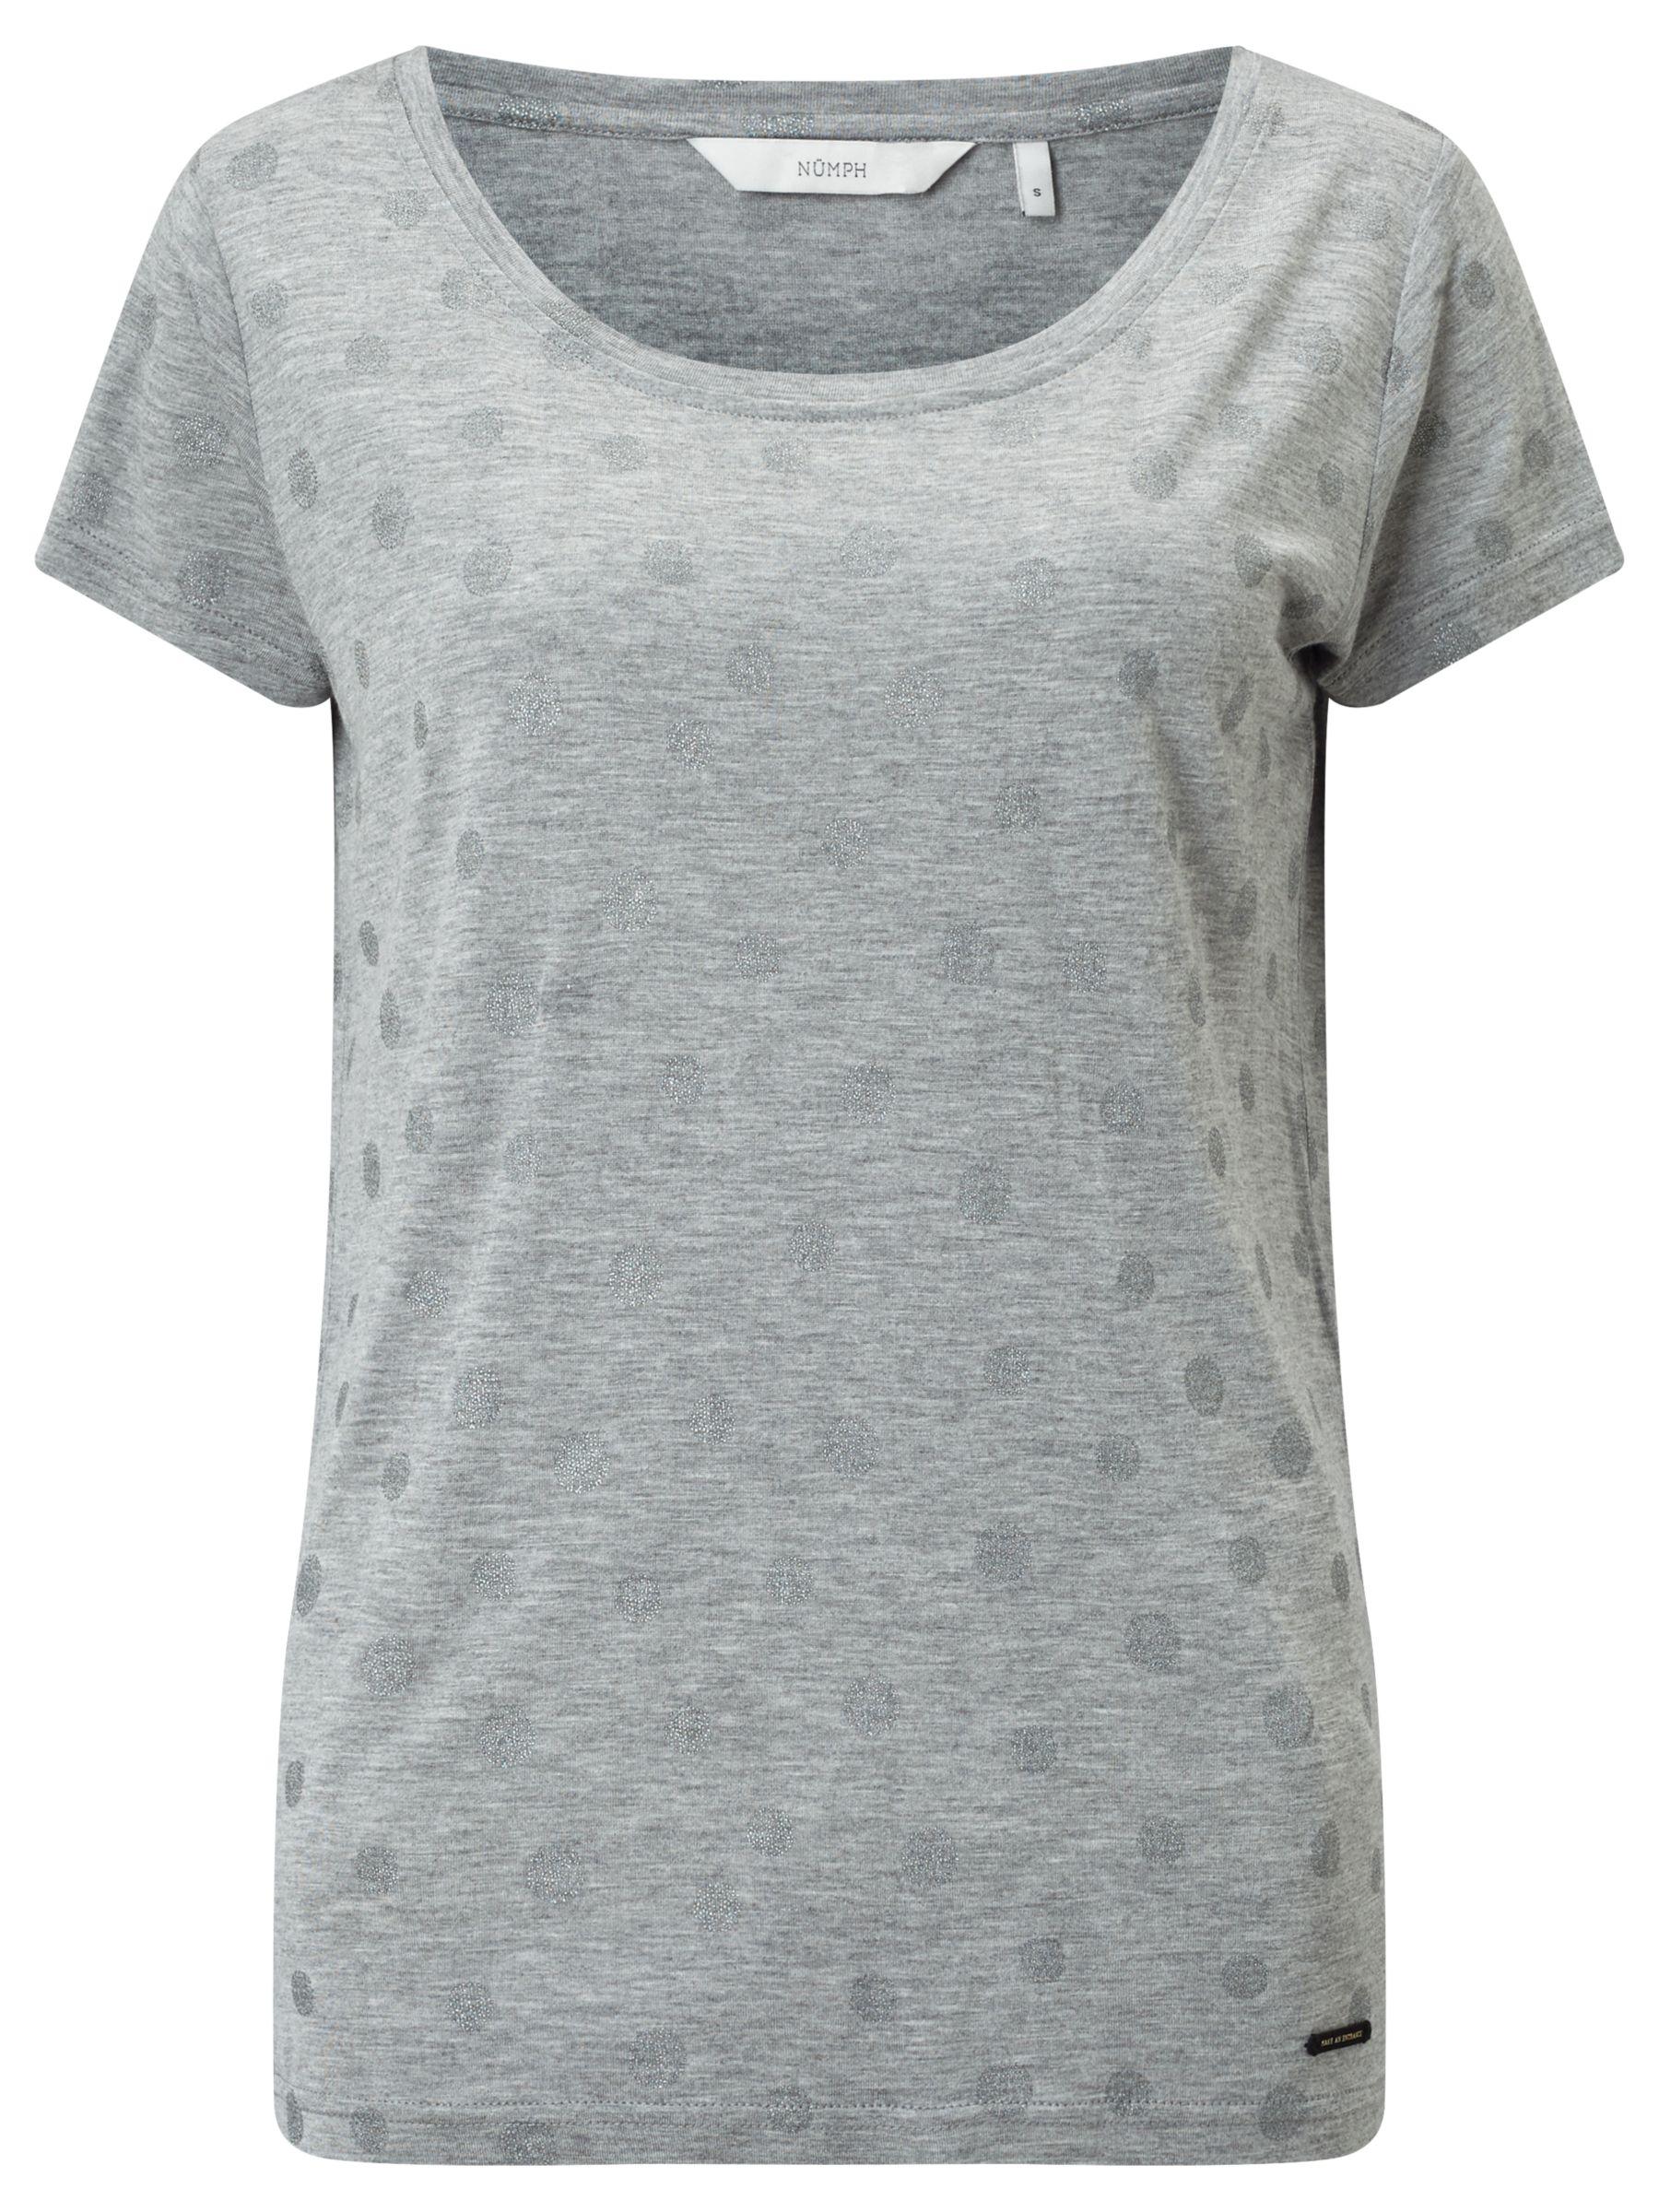 Numph Numph Metallic Spot T-Shirt, Grey